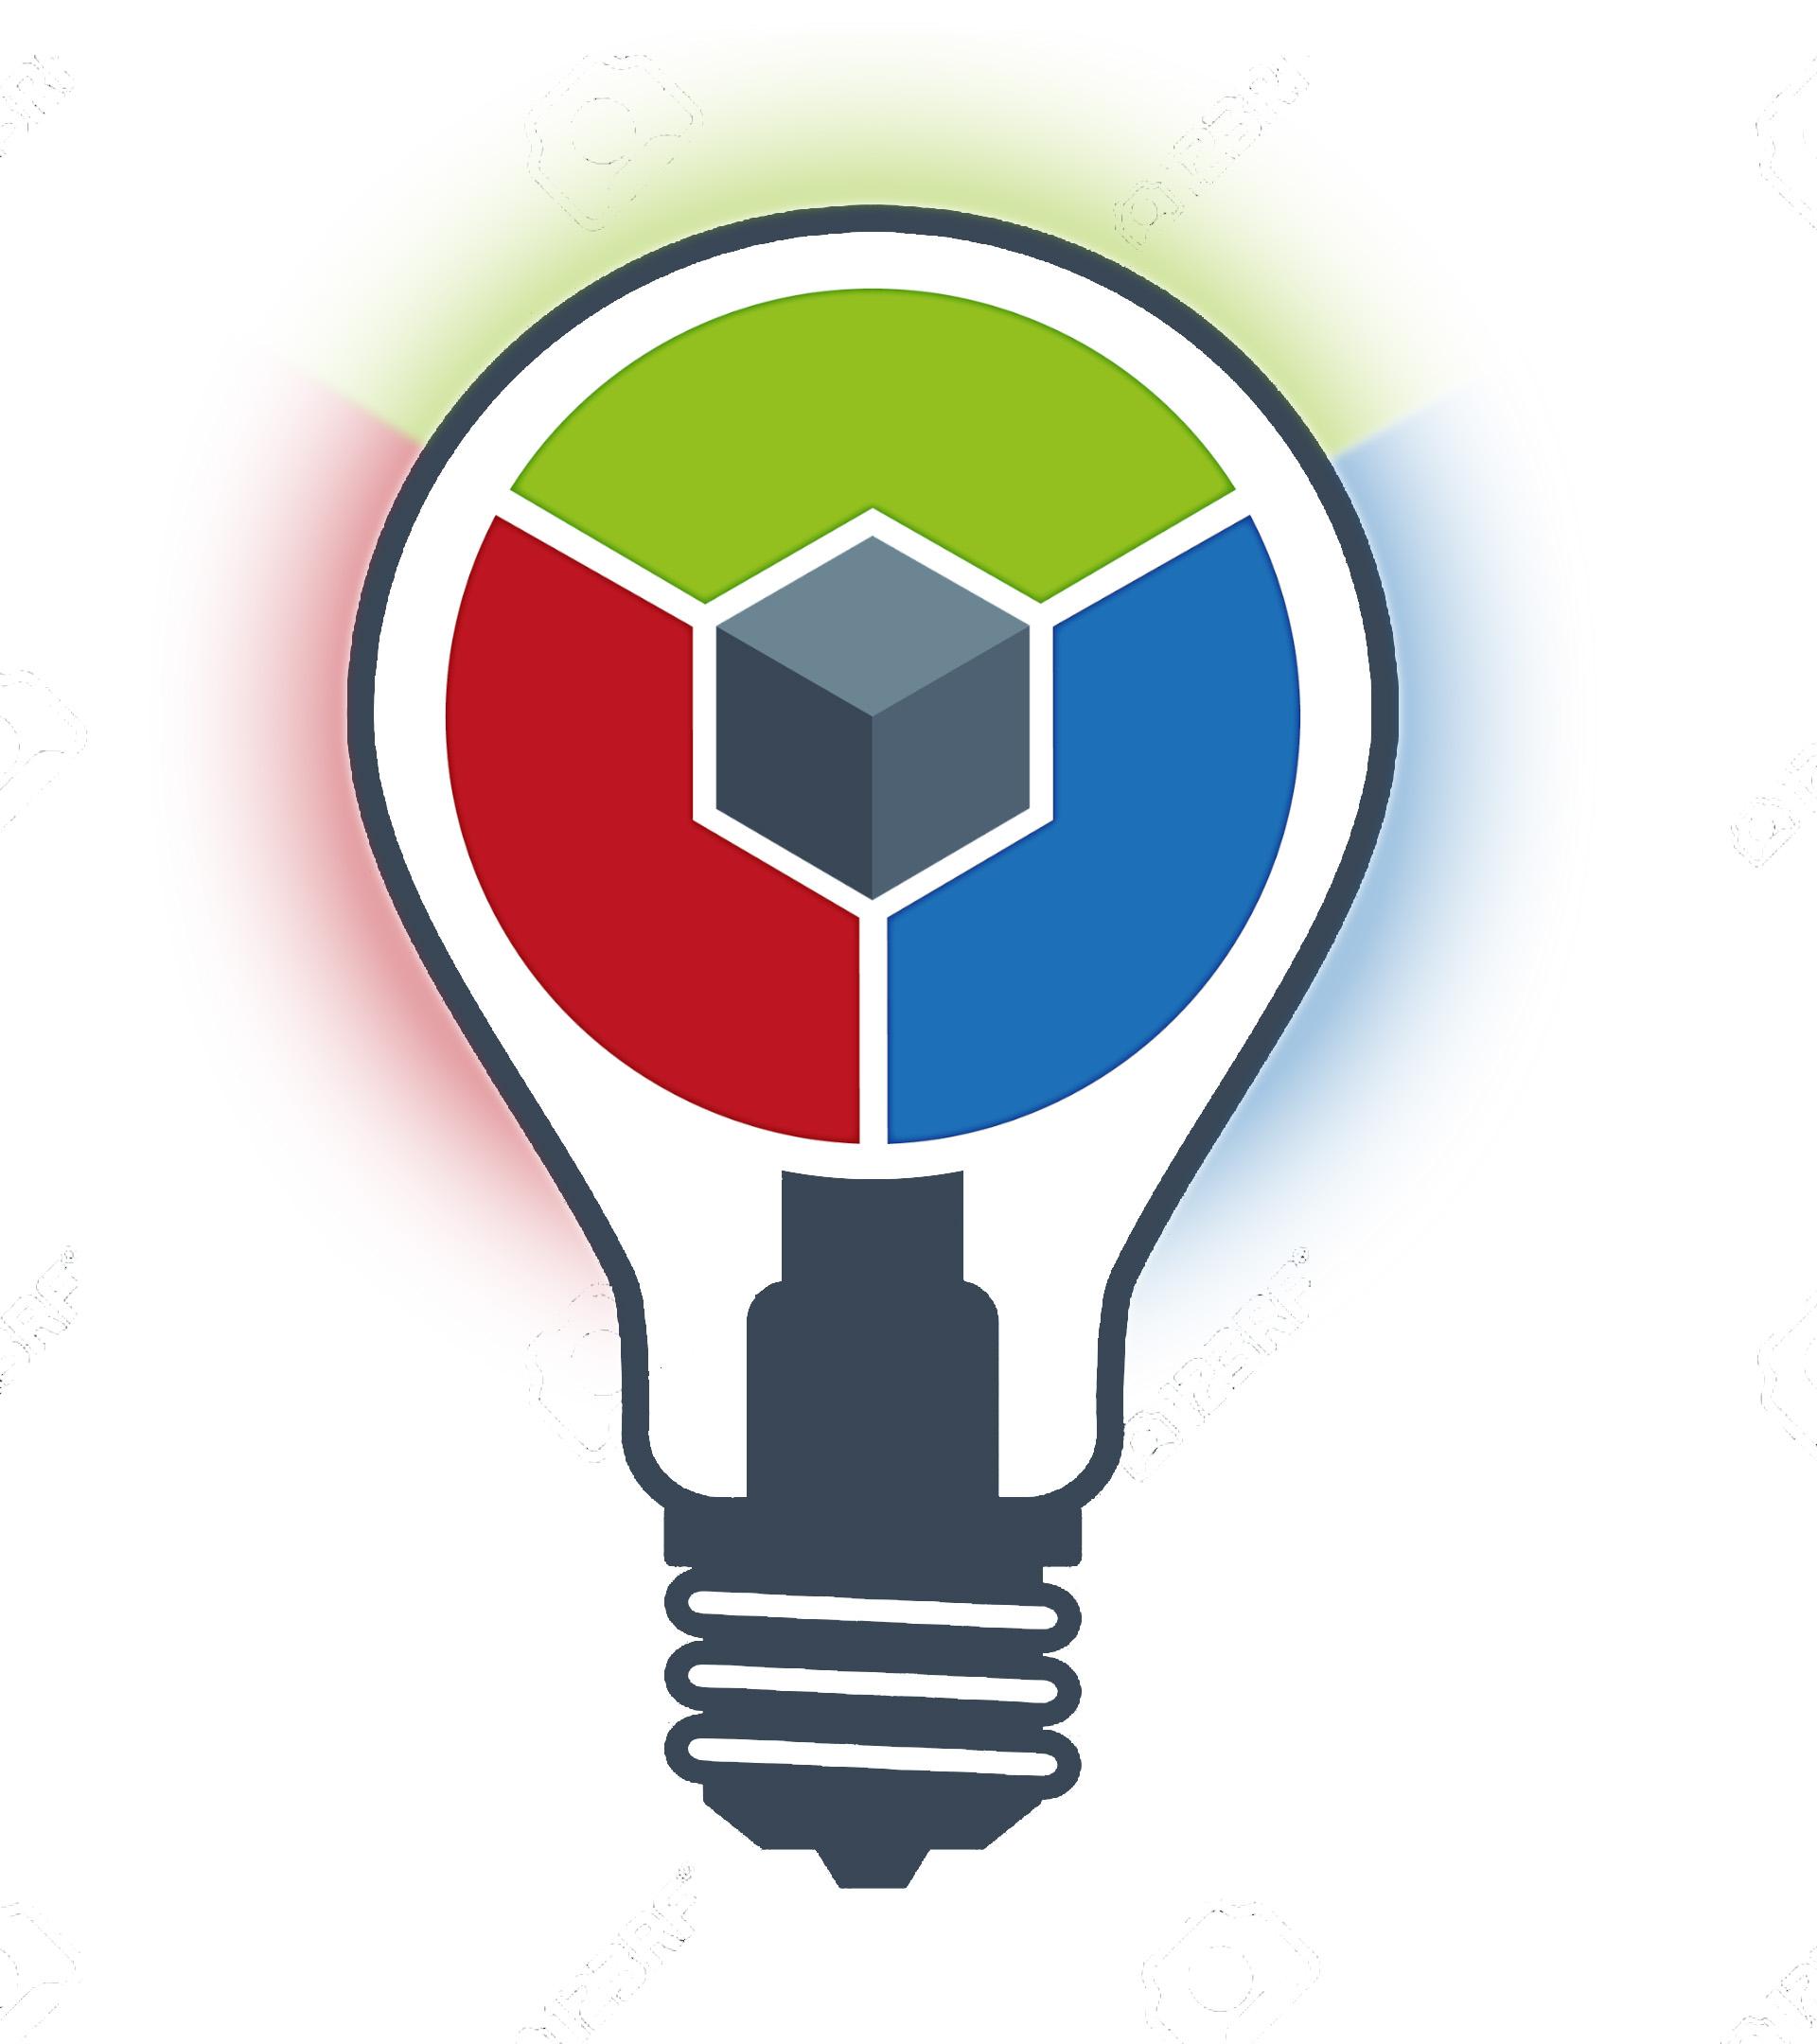 Conseils et astuces - Logo - Ampoule - Le Graphiste 3D